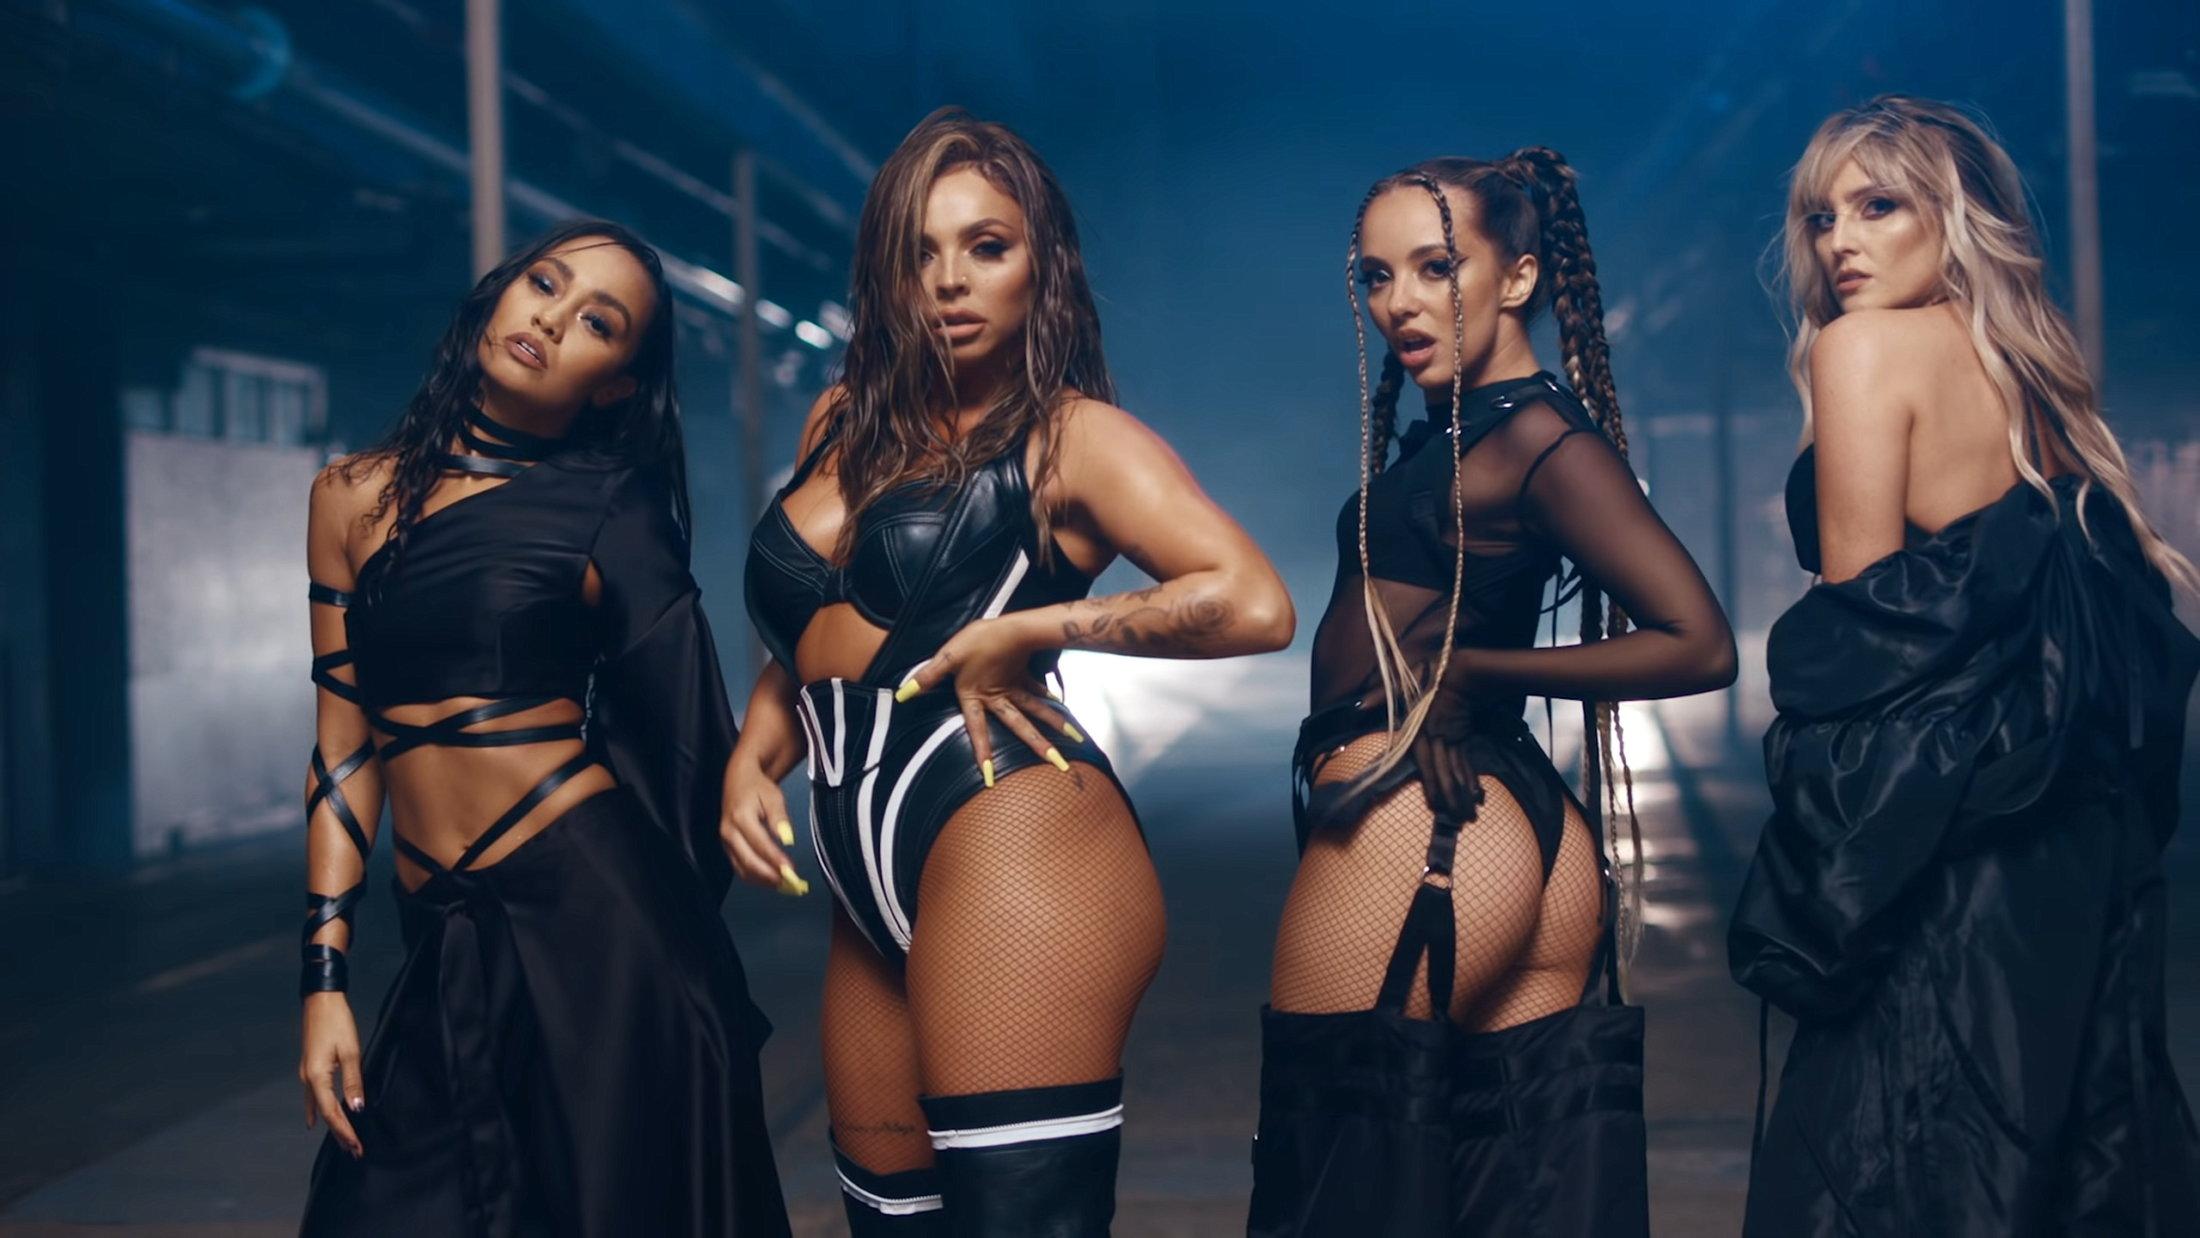 Little Mix - Sweet Melody (Official Video) 2-5 Screenshot